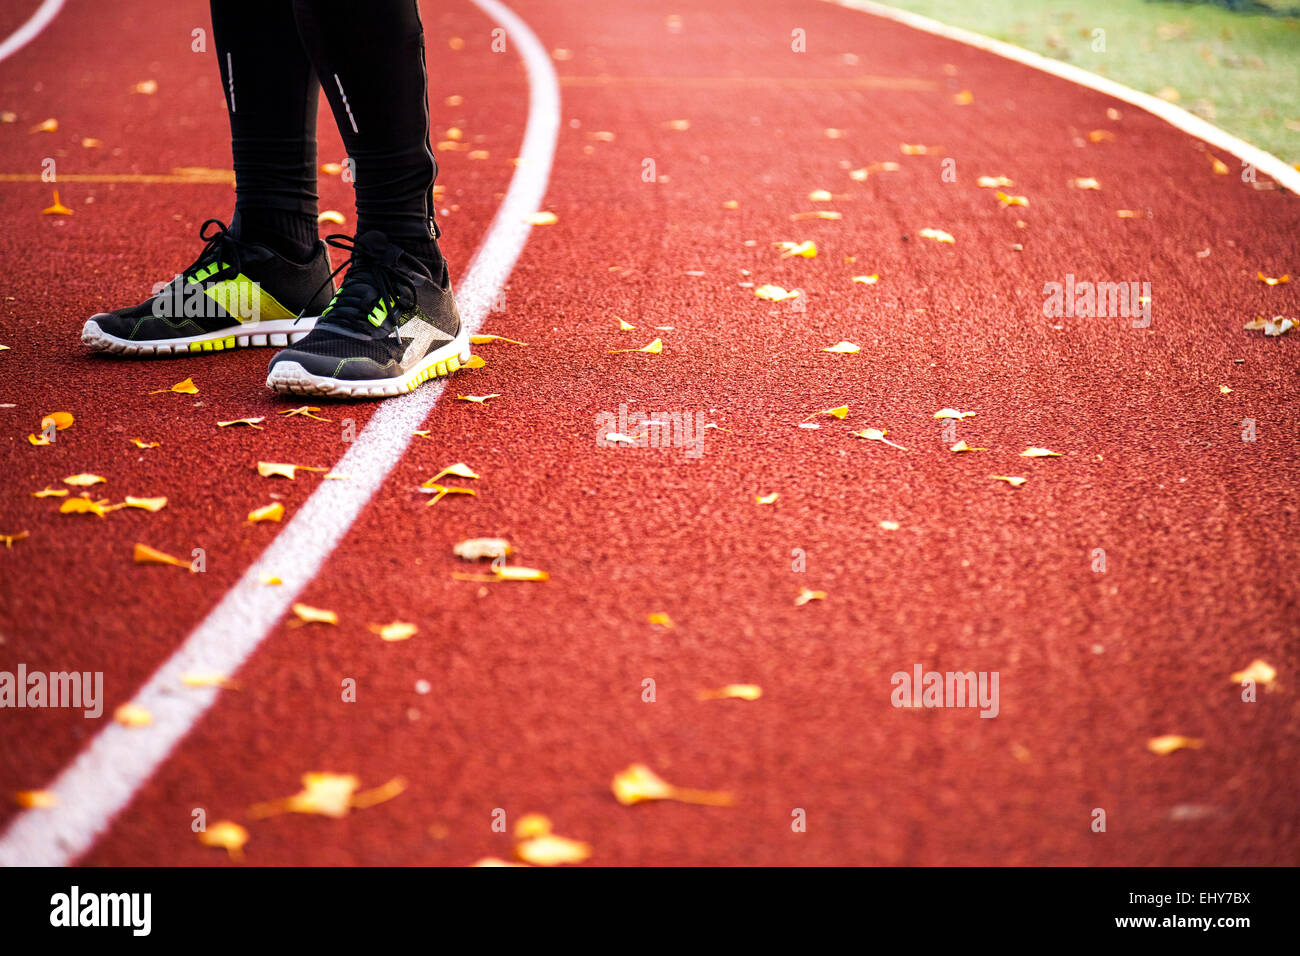 Deslizadera masculino está en la pista de atletismo Imagen De Stock